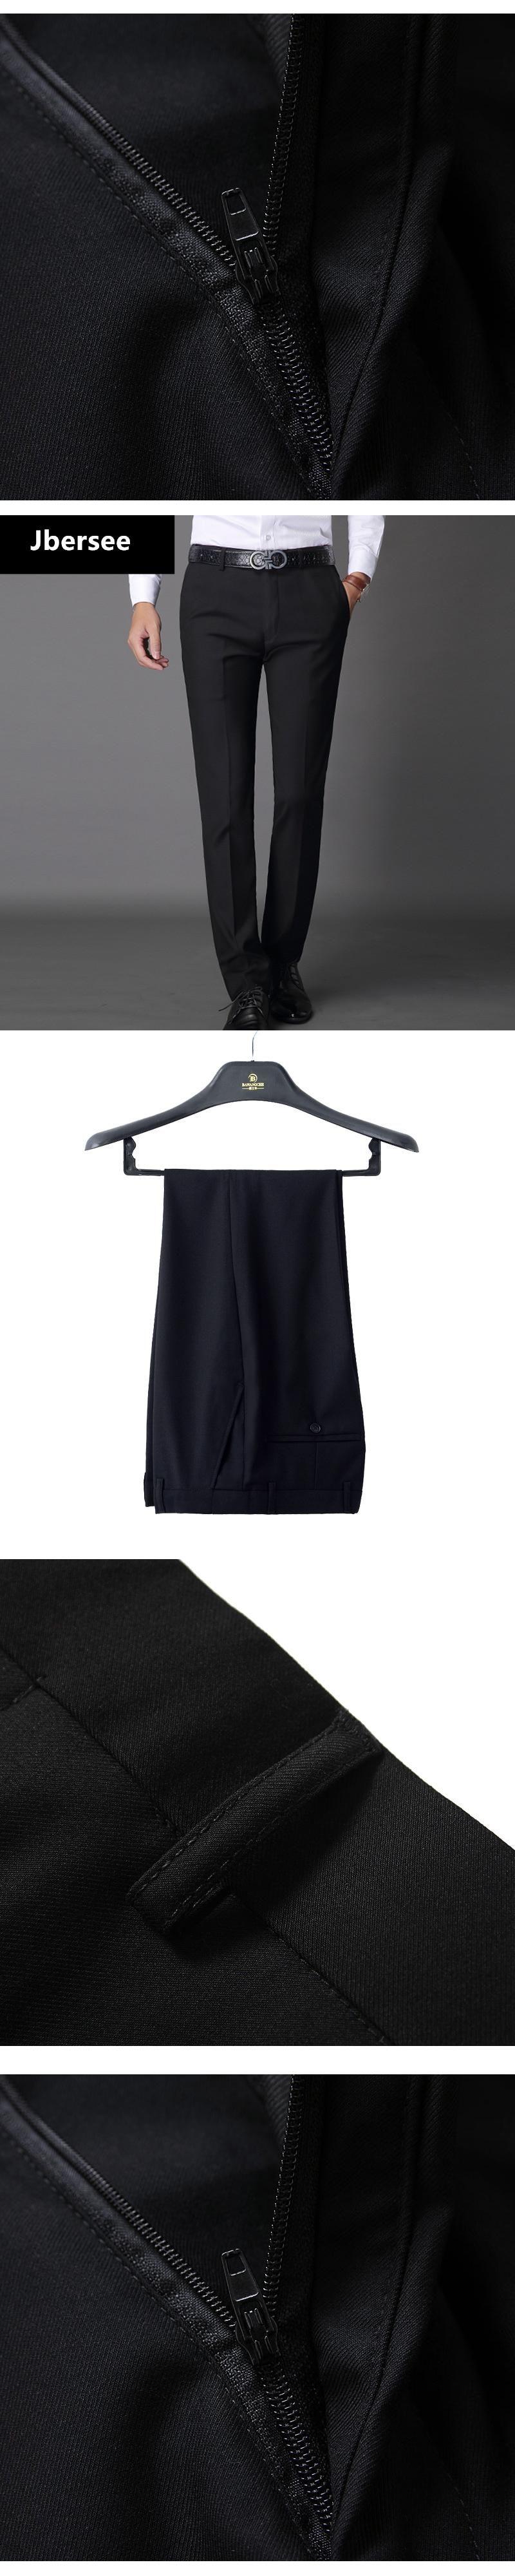 b40438e7de0 Jbersee Mens Suit Pants Fashion Dress Pants Formal Business Male Casual  Long Trousers Slim Fit Male